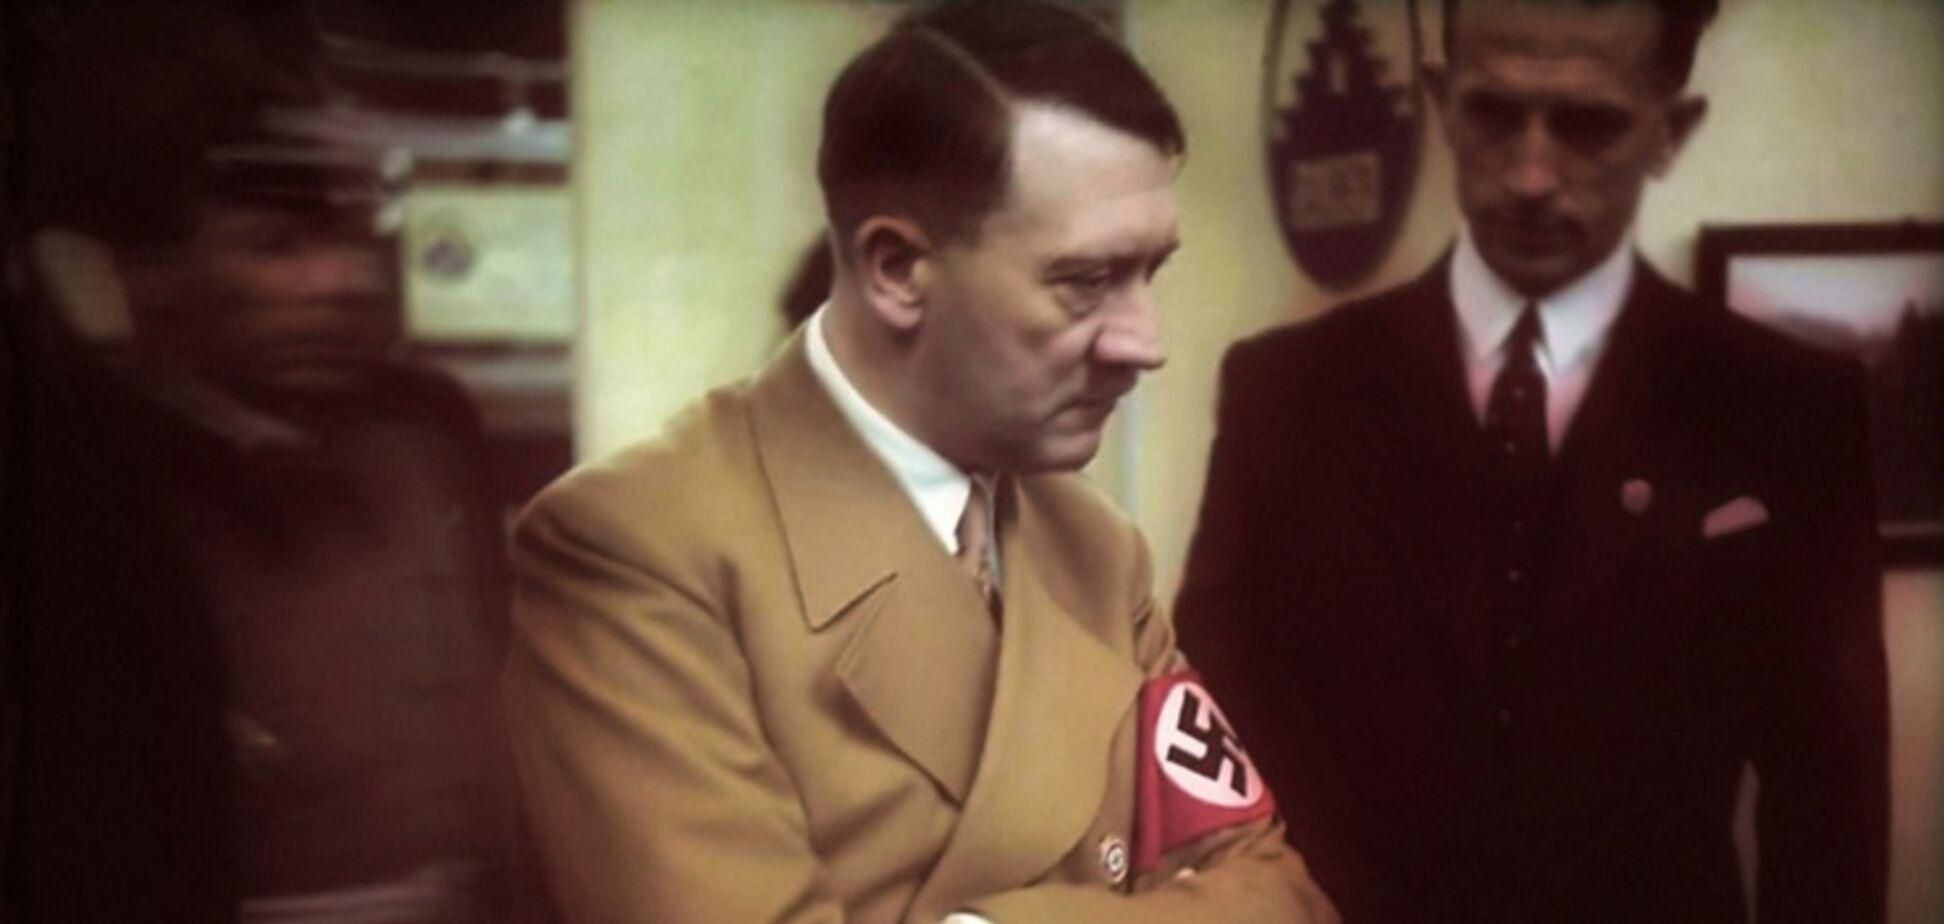 Гитлер выжил после войны: появились новые данные о жизни фюрера